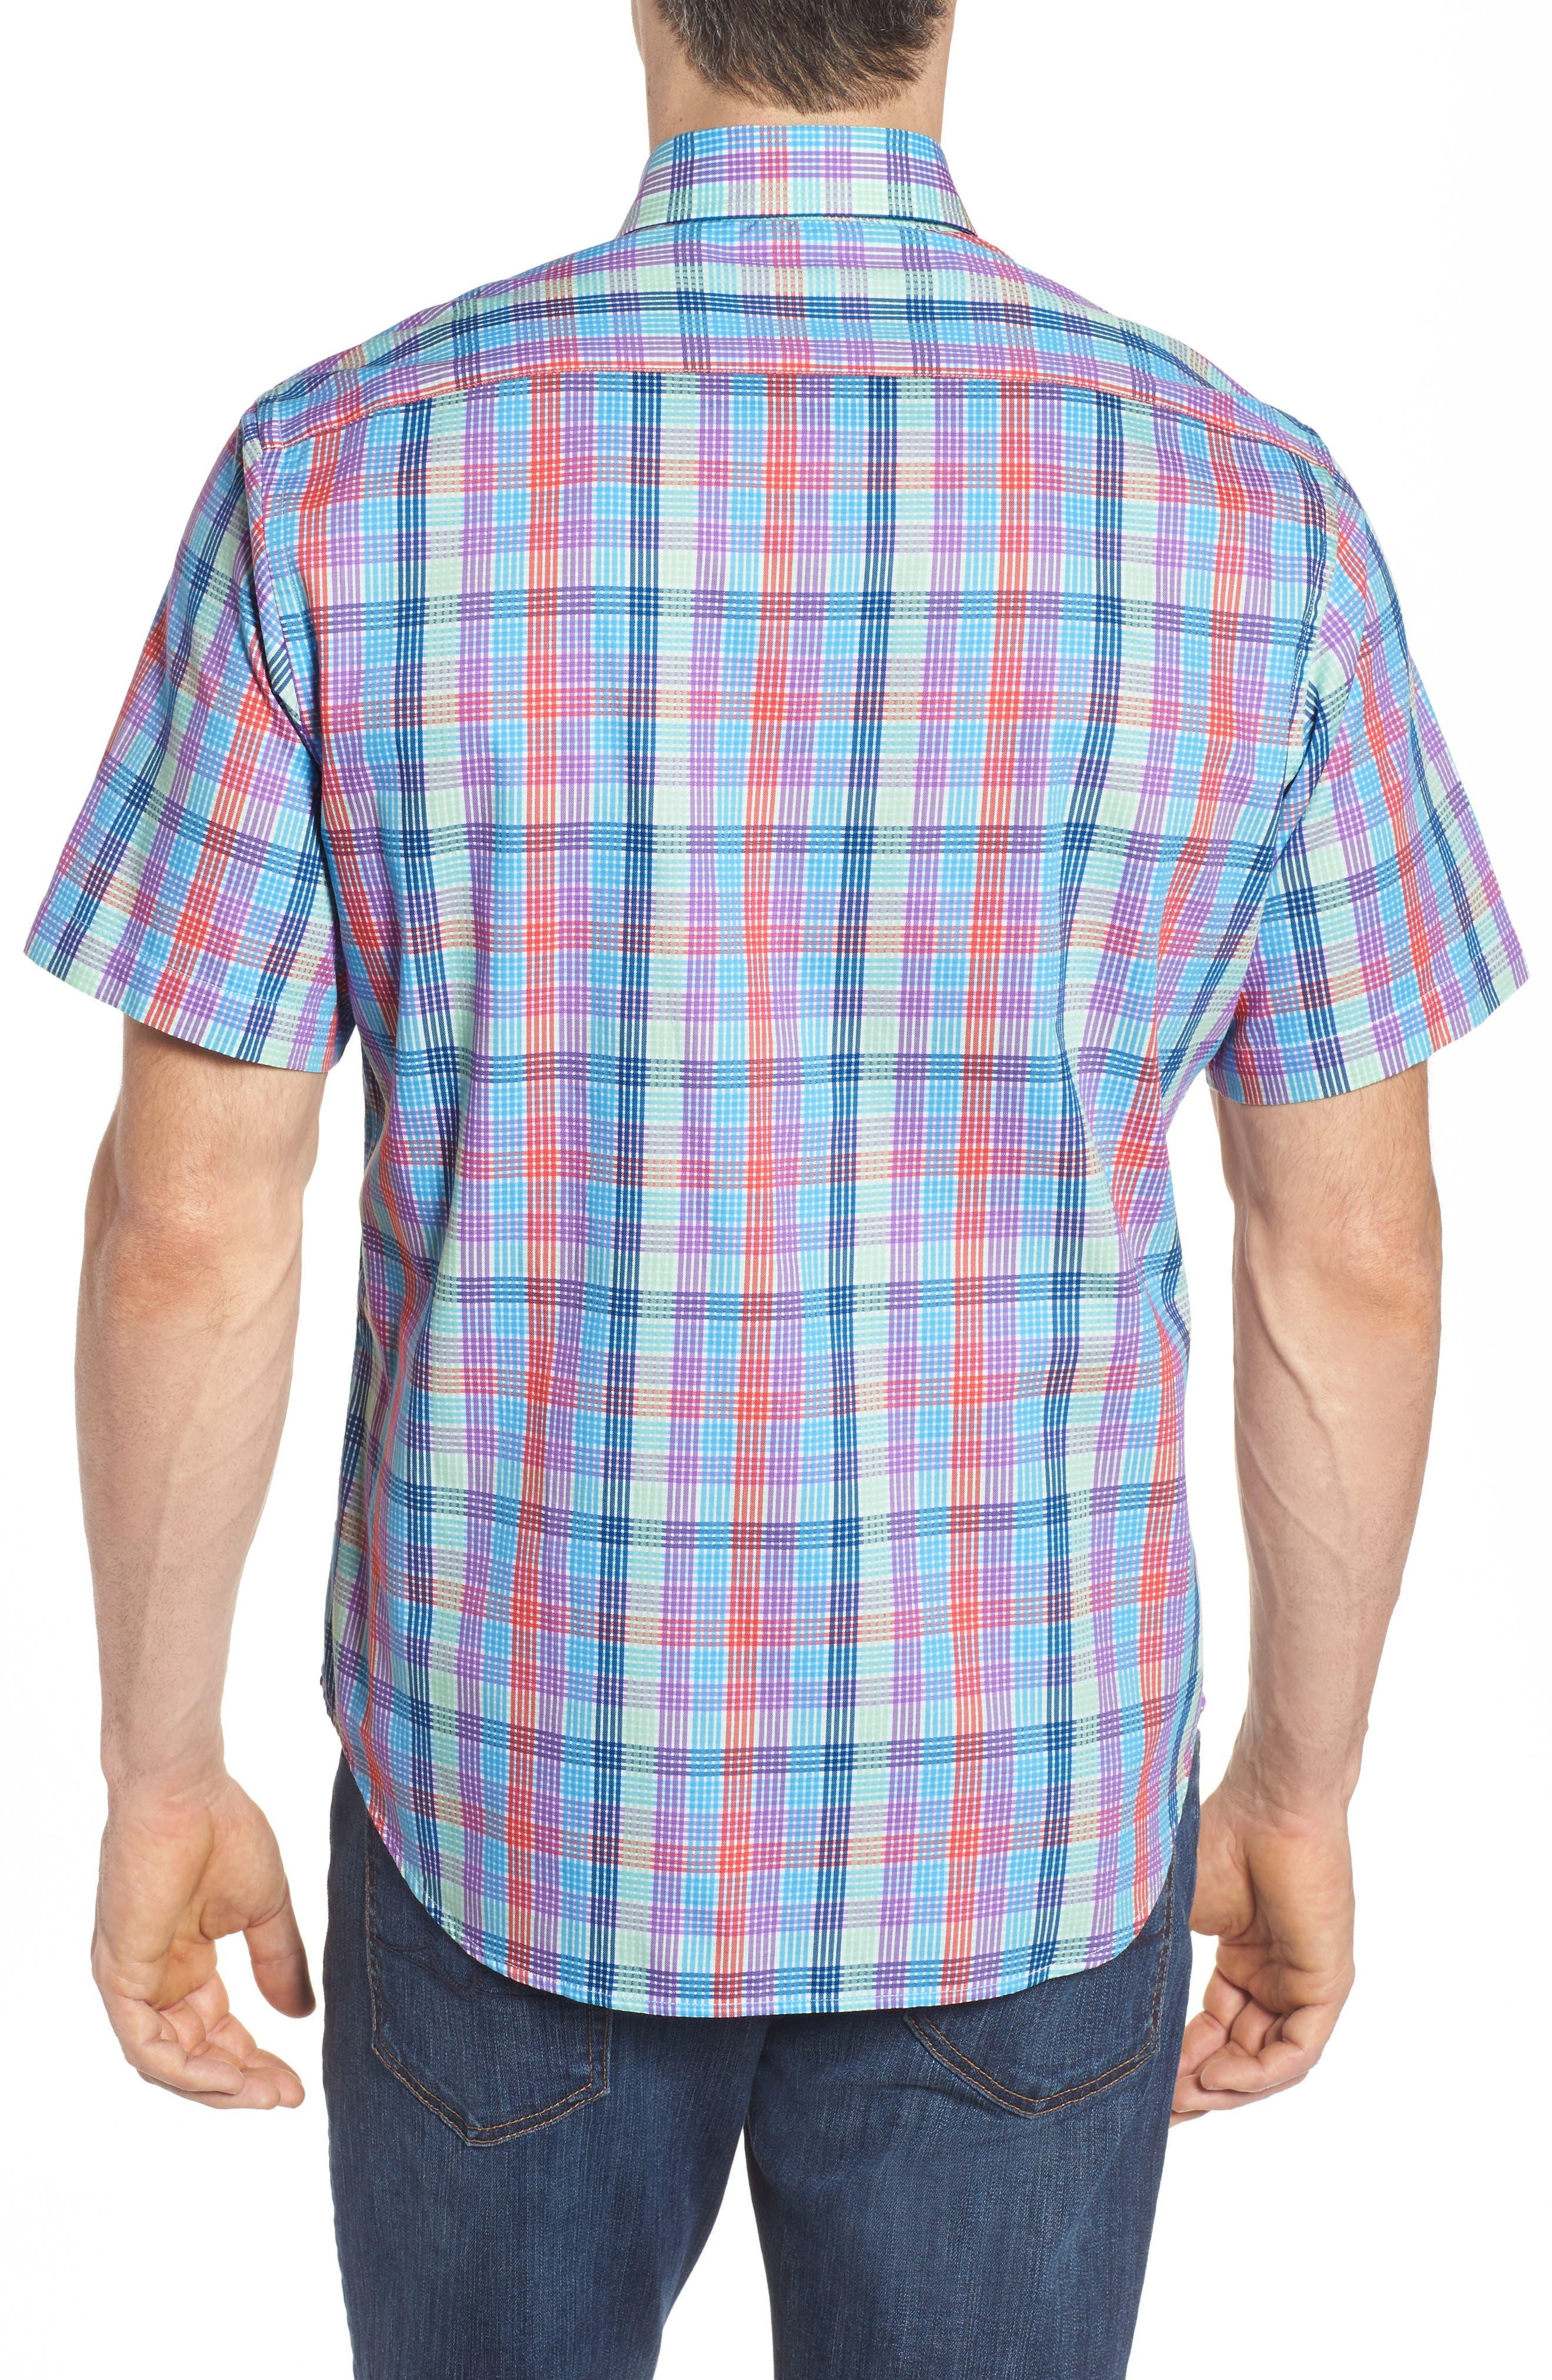 Slidell Regular Fit Check Sport Shirt,                             Alternate thumbnail 2, color,                             465